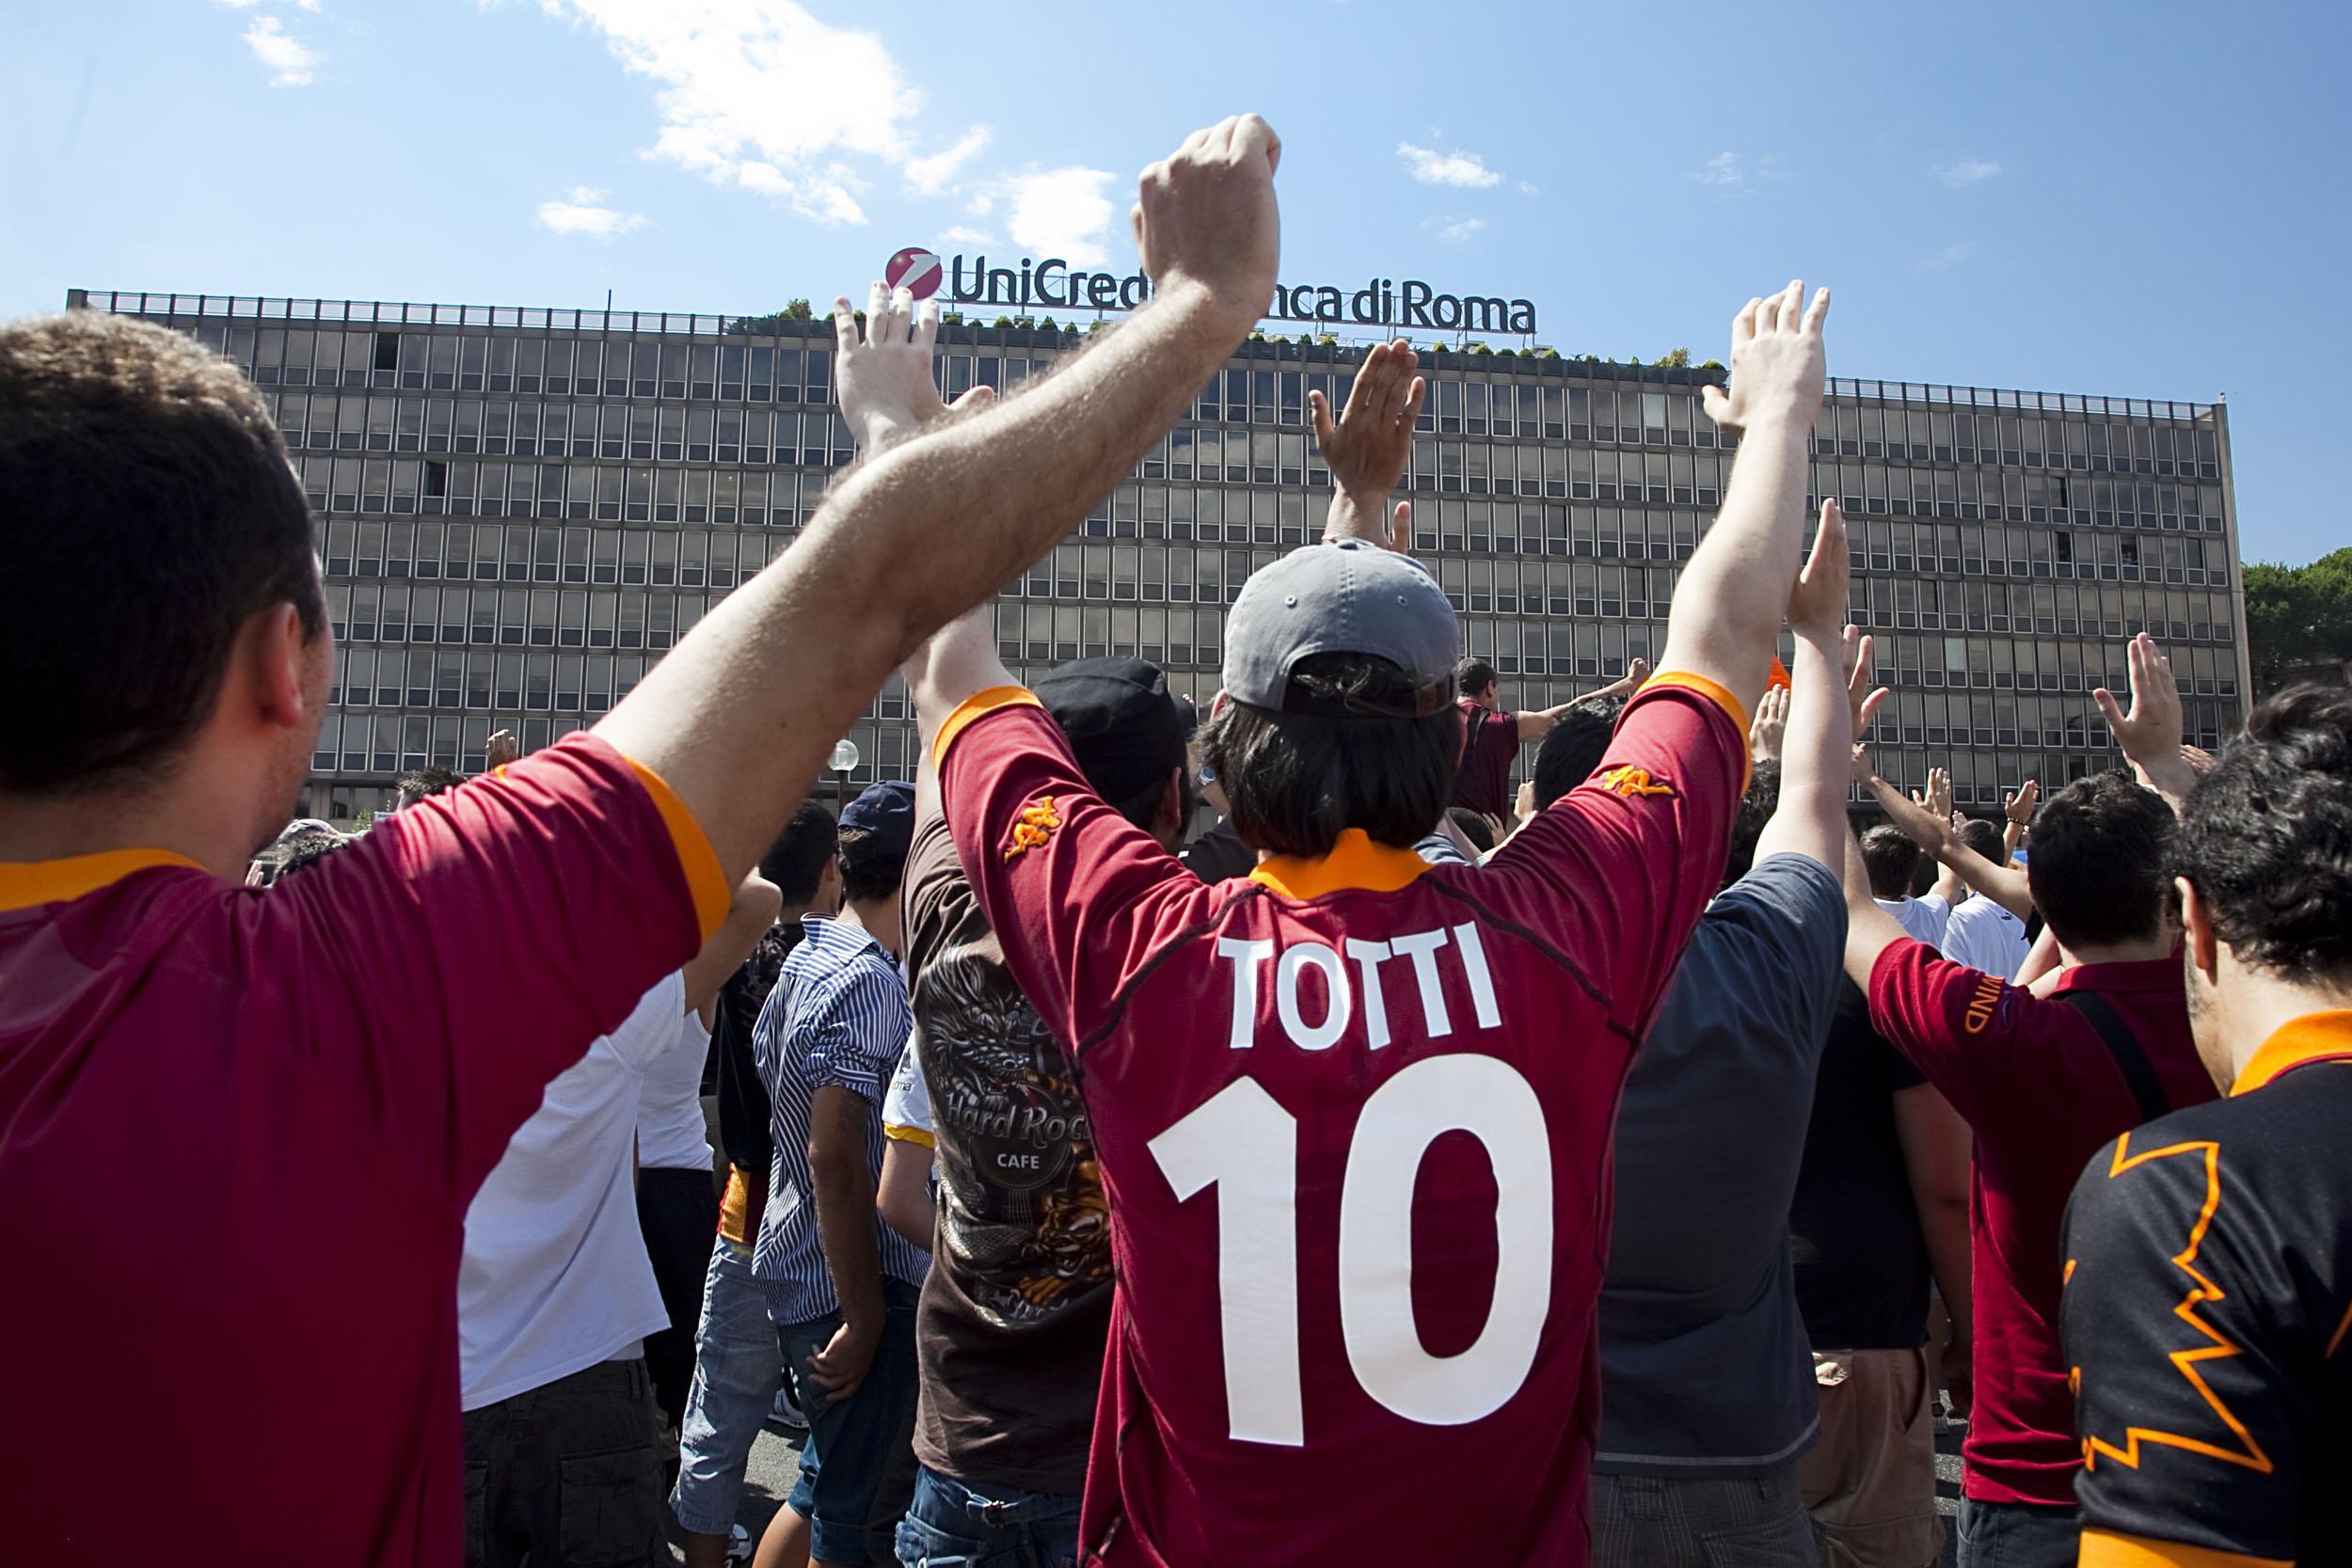 sede unicredit roma - 28 images - unicredit a cagliari tutte le